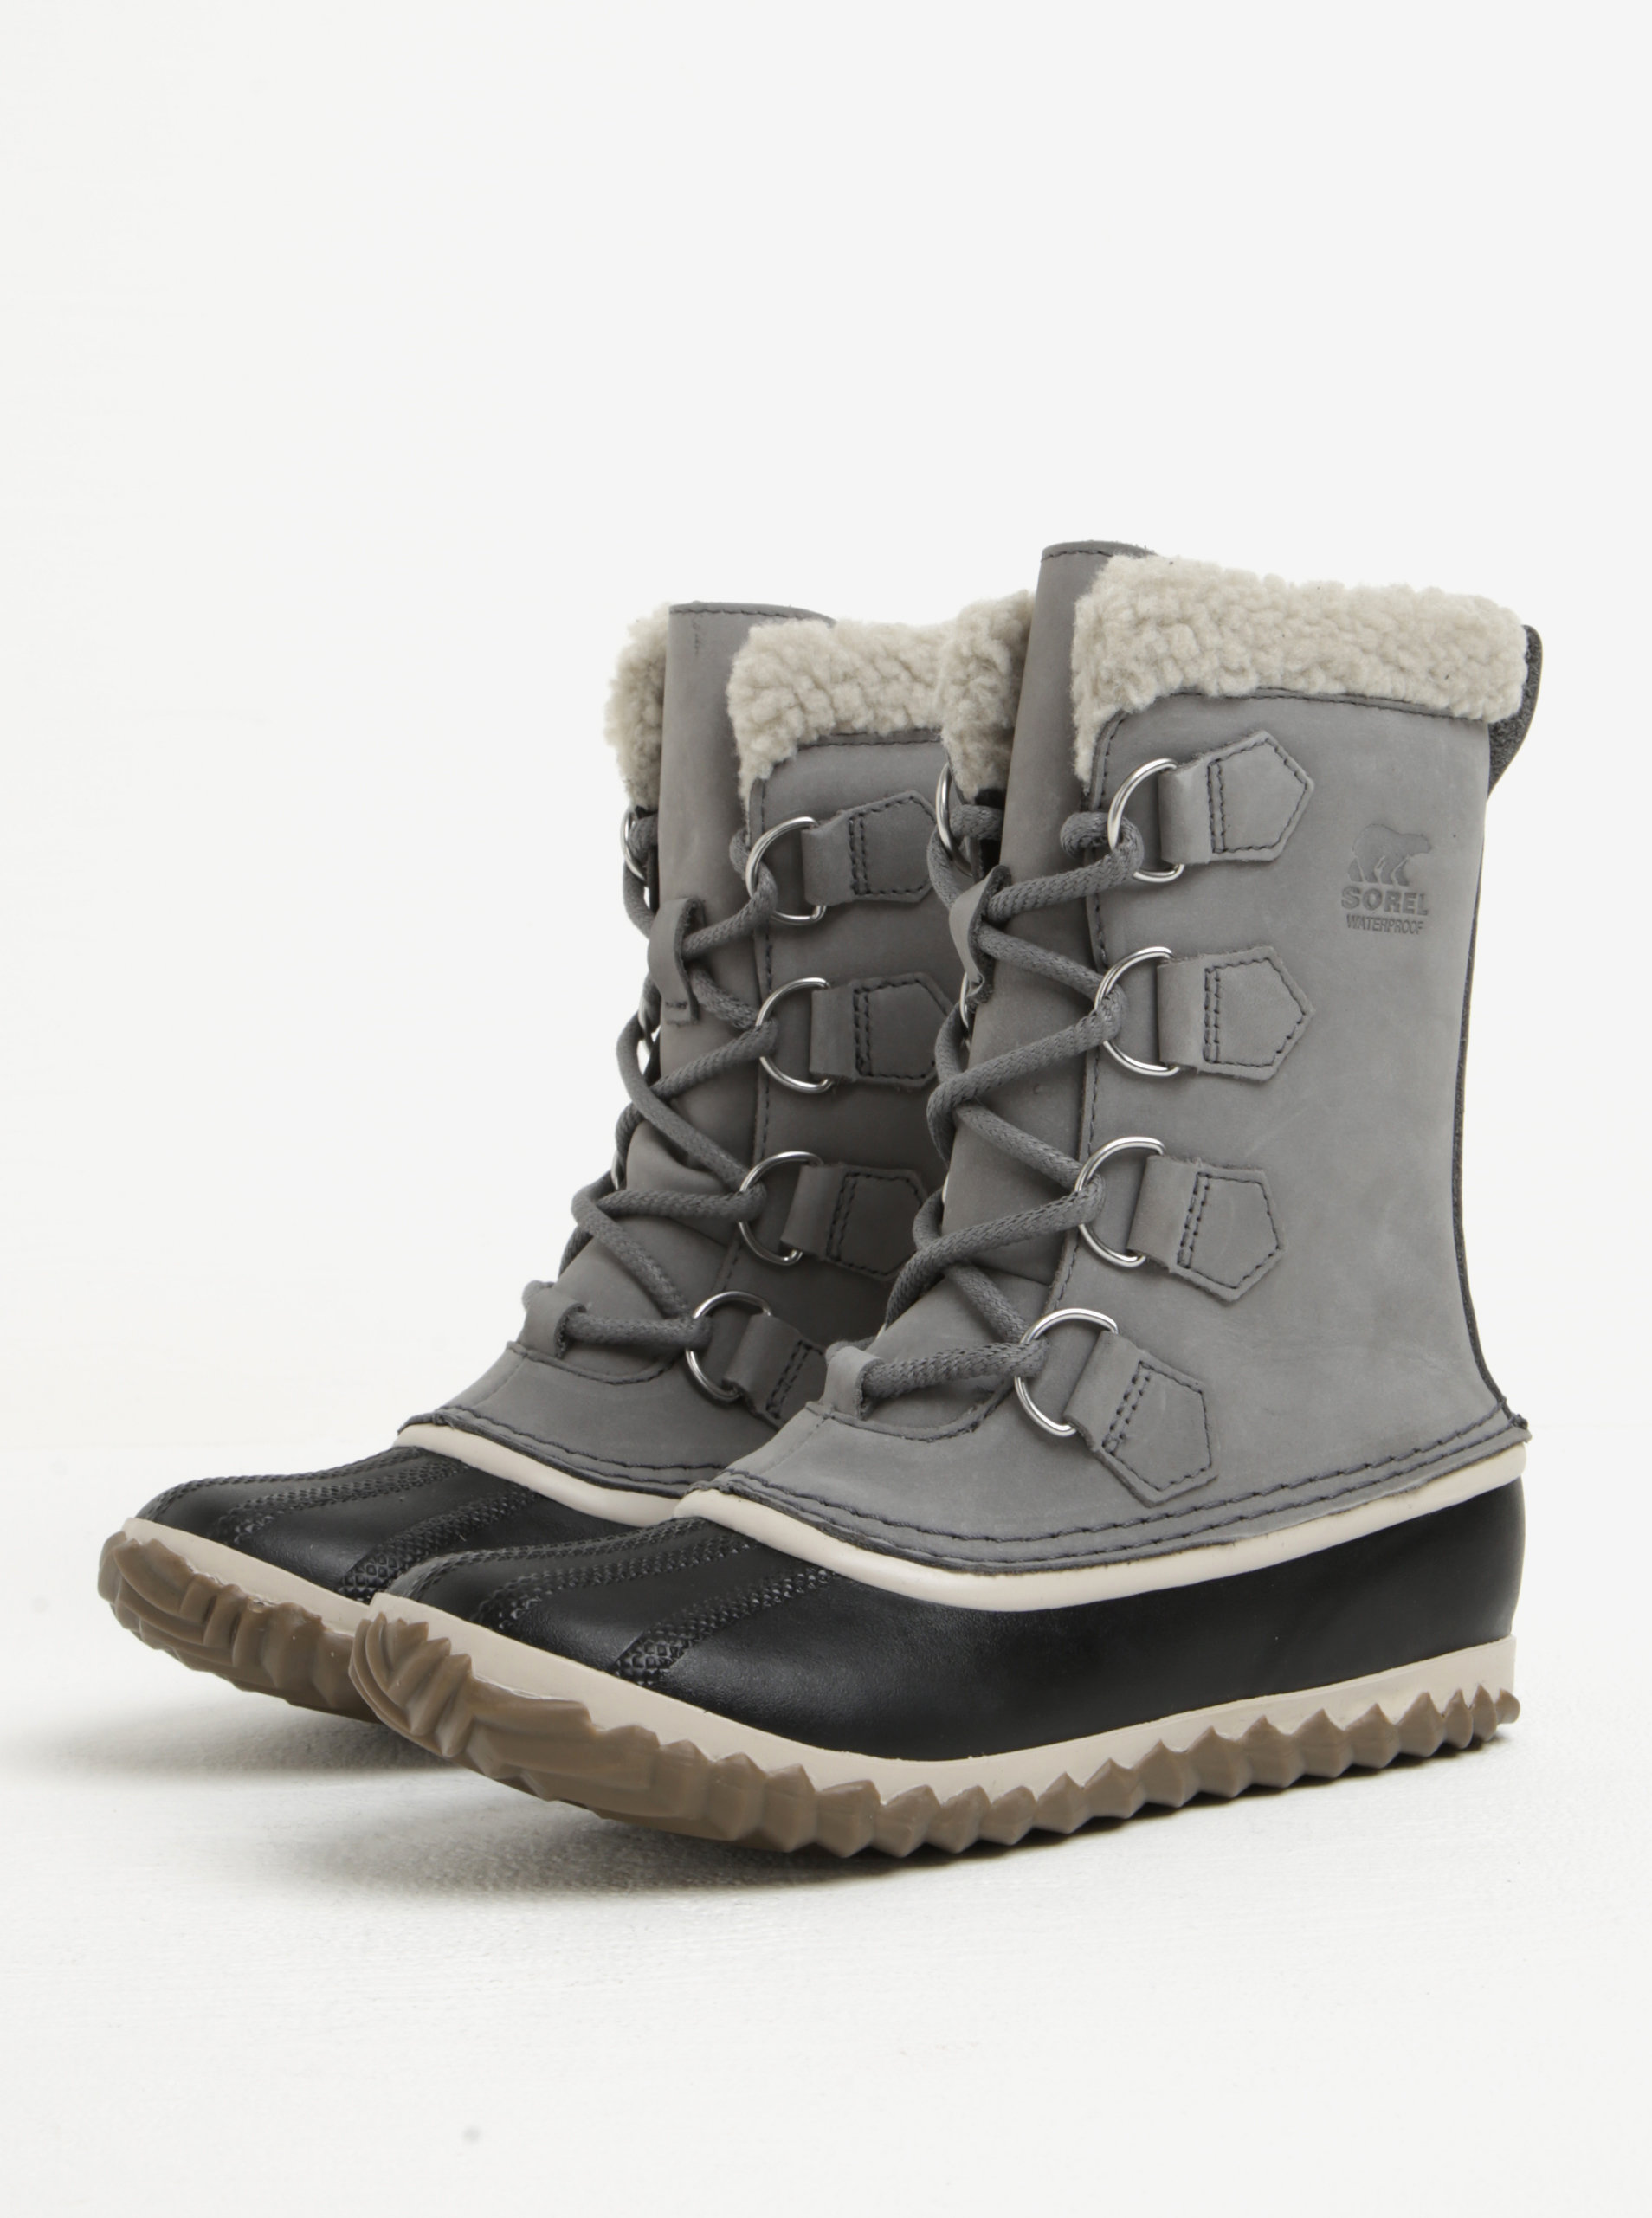 5762c27fb5220 Sivé dámske kožené vodovzdorné zimné topánky s umelým kožúškom SOREL ...